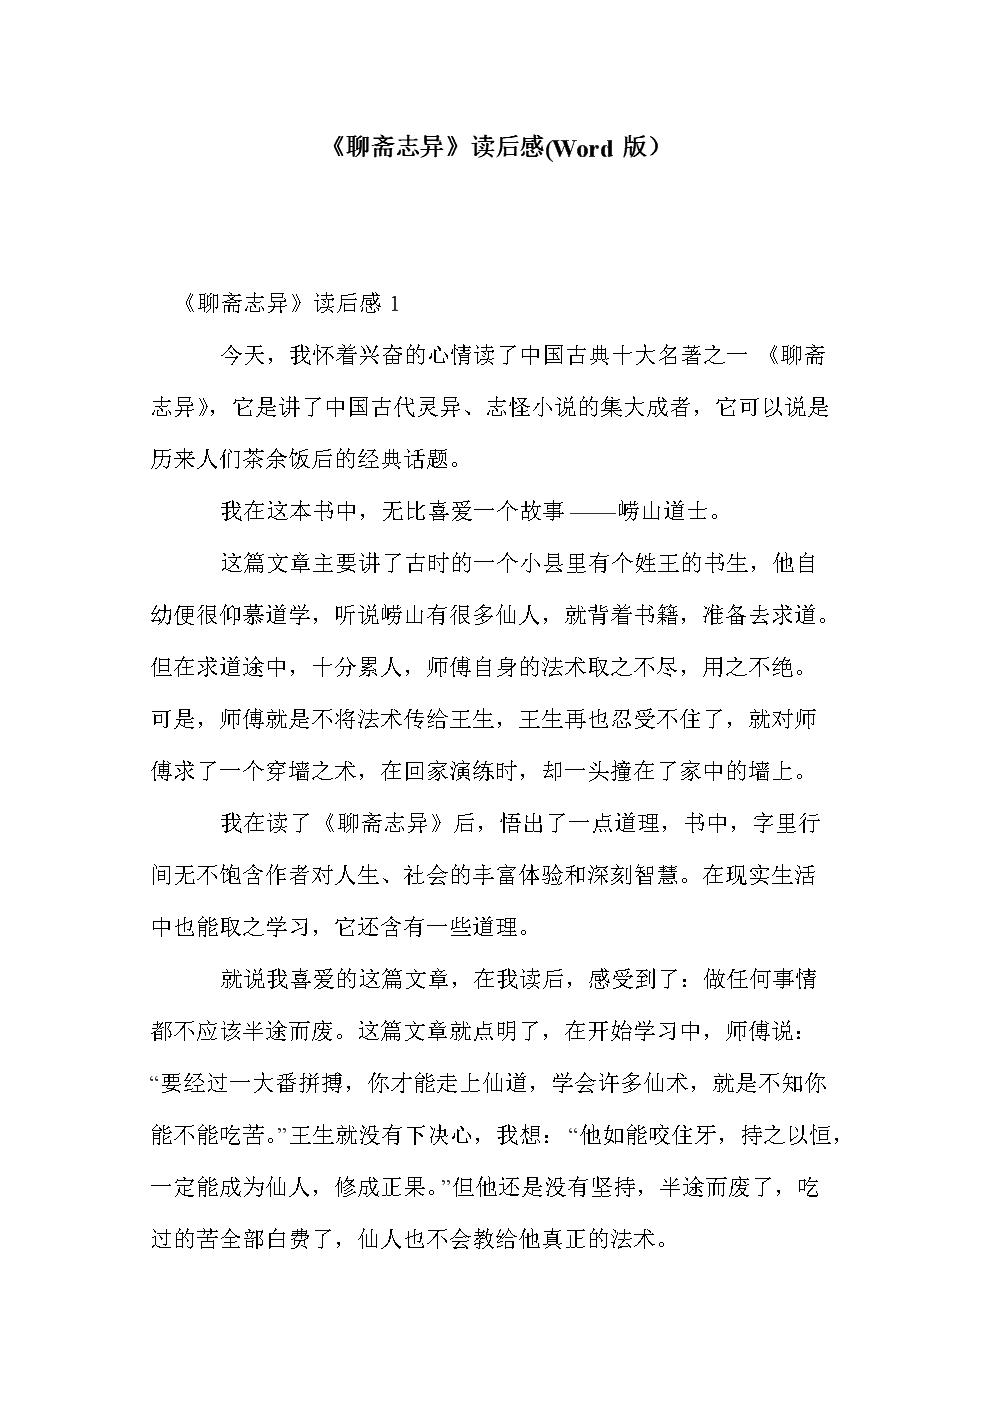 《聊斋志异》读后感(Word版).doc